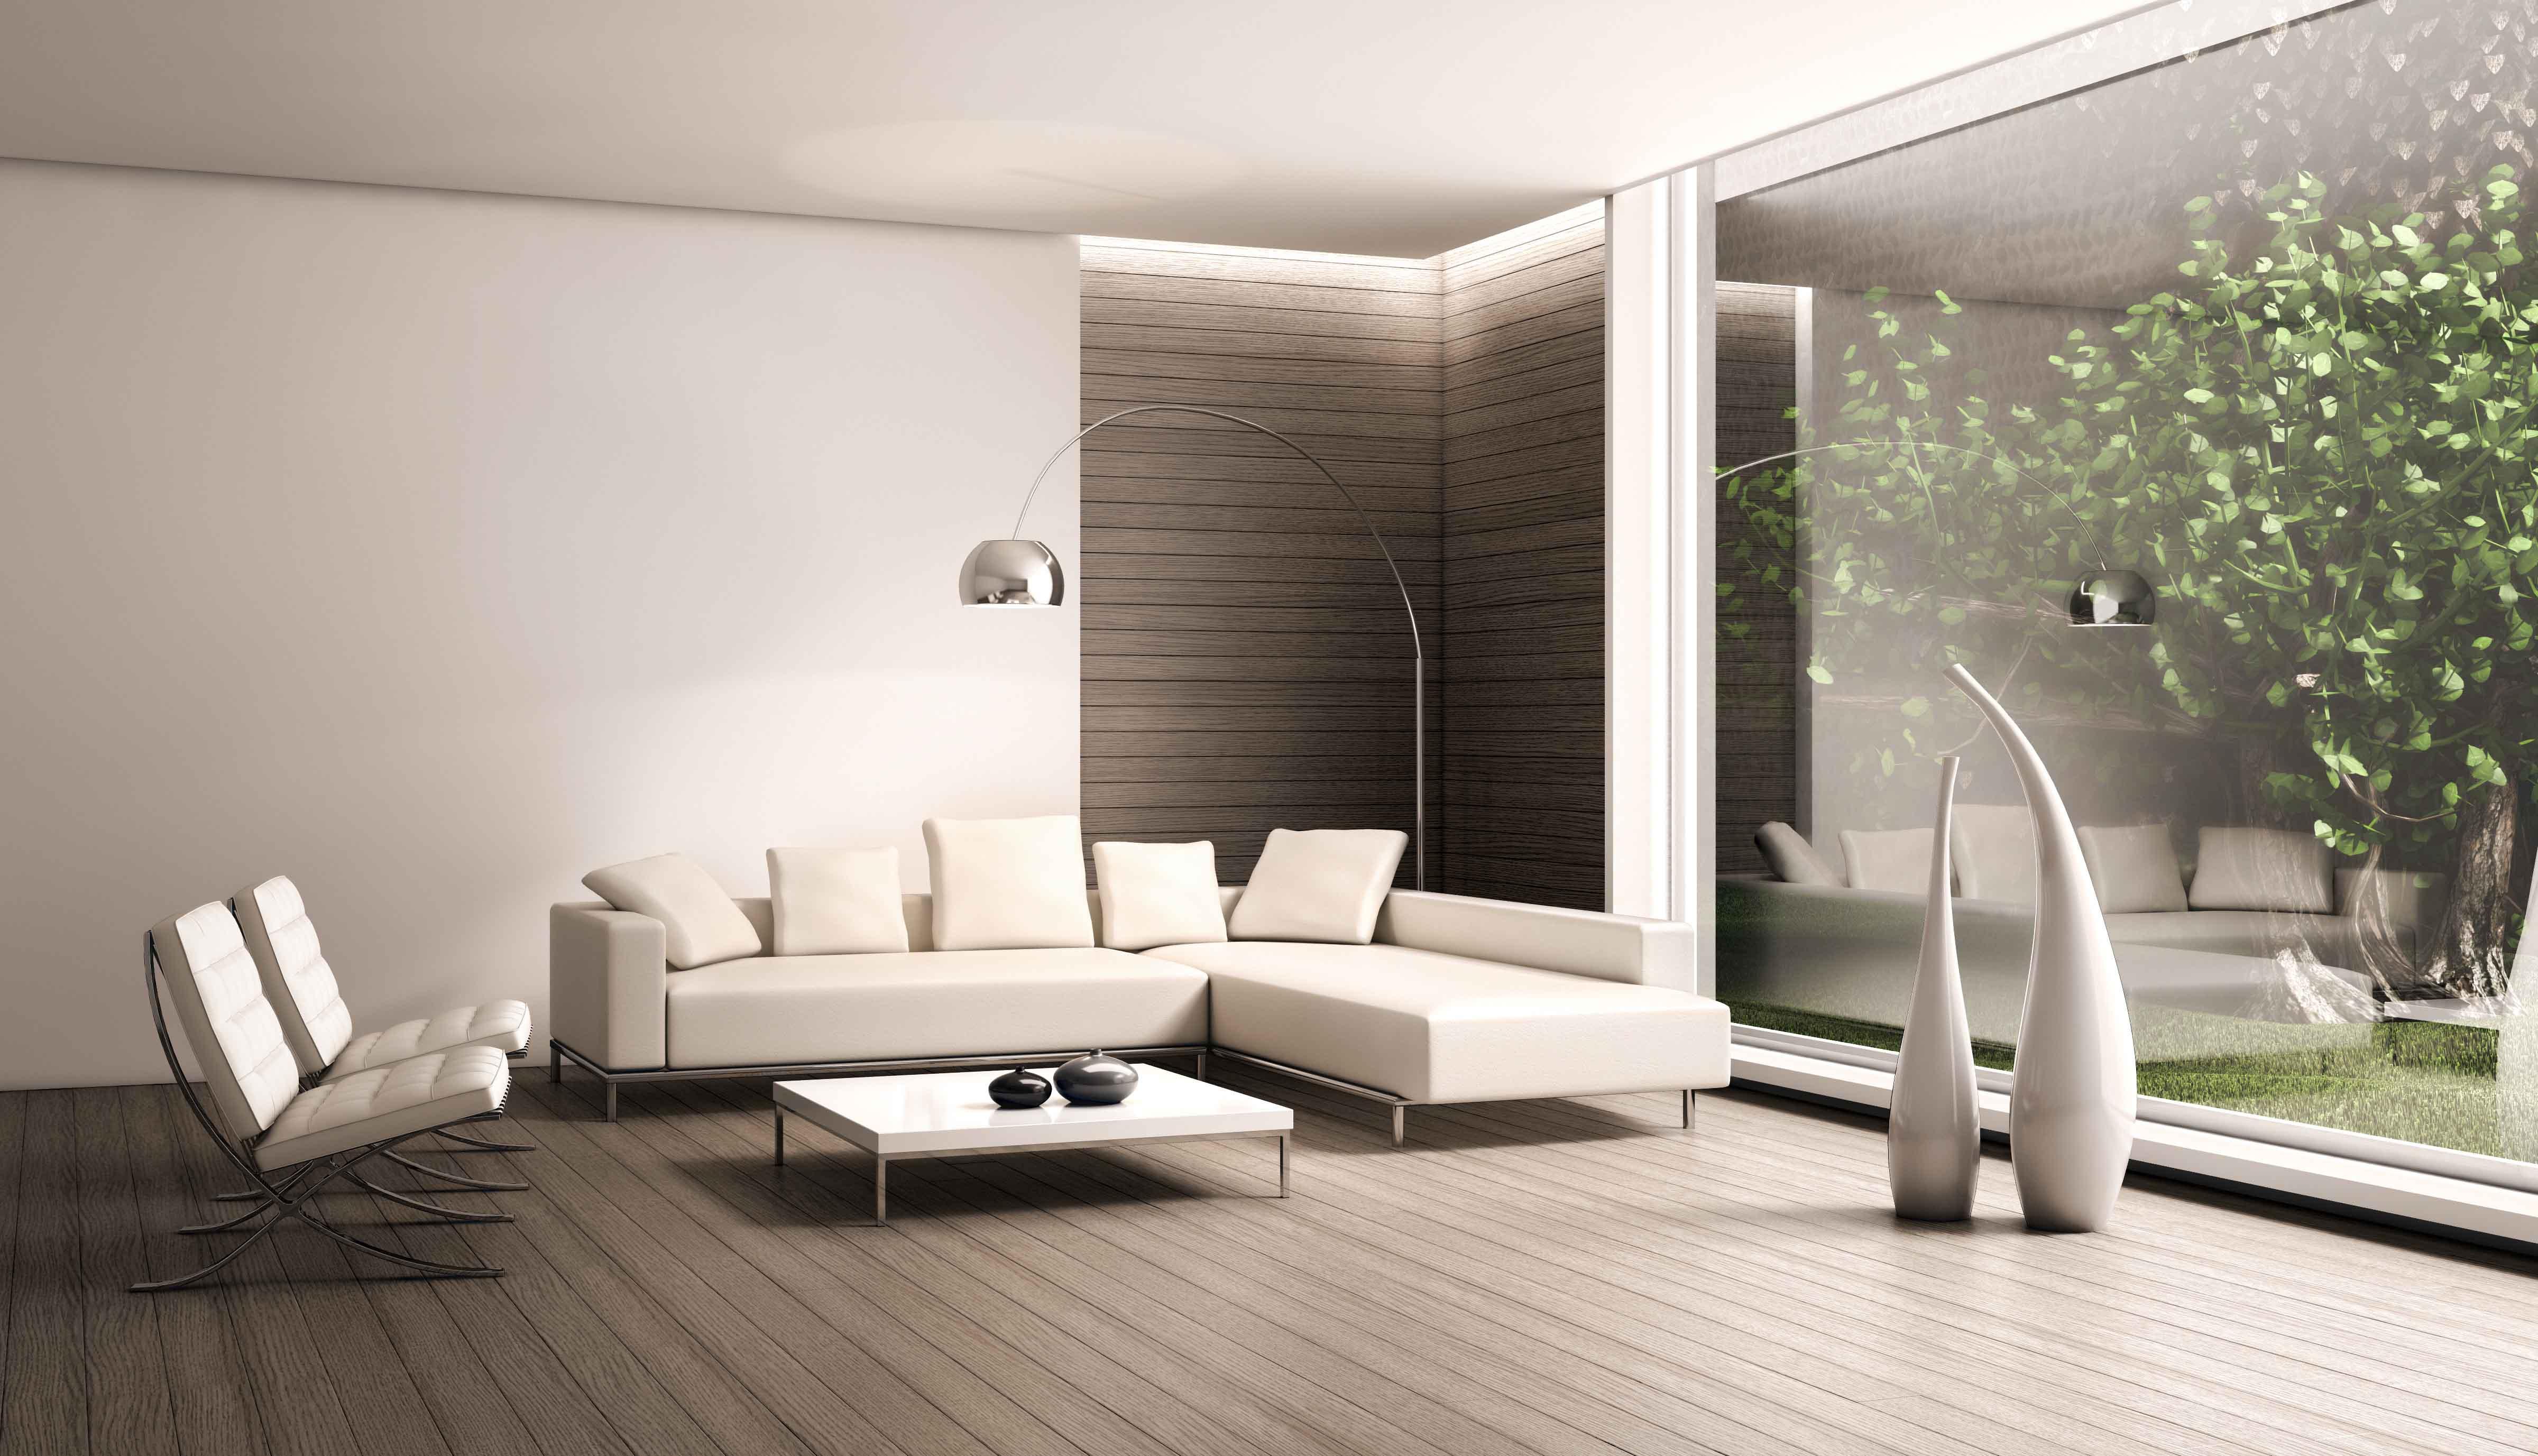 De vijf interieur tips voor je woonkamer for Interieur accessoires design